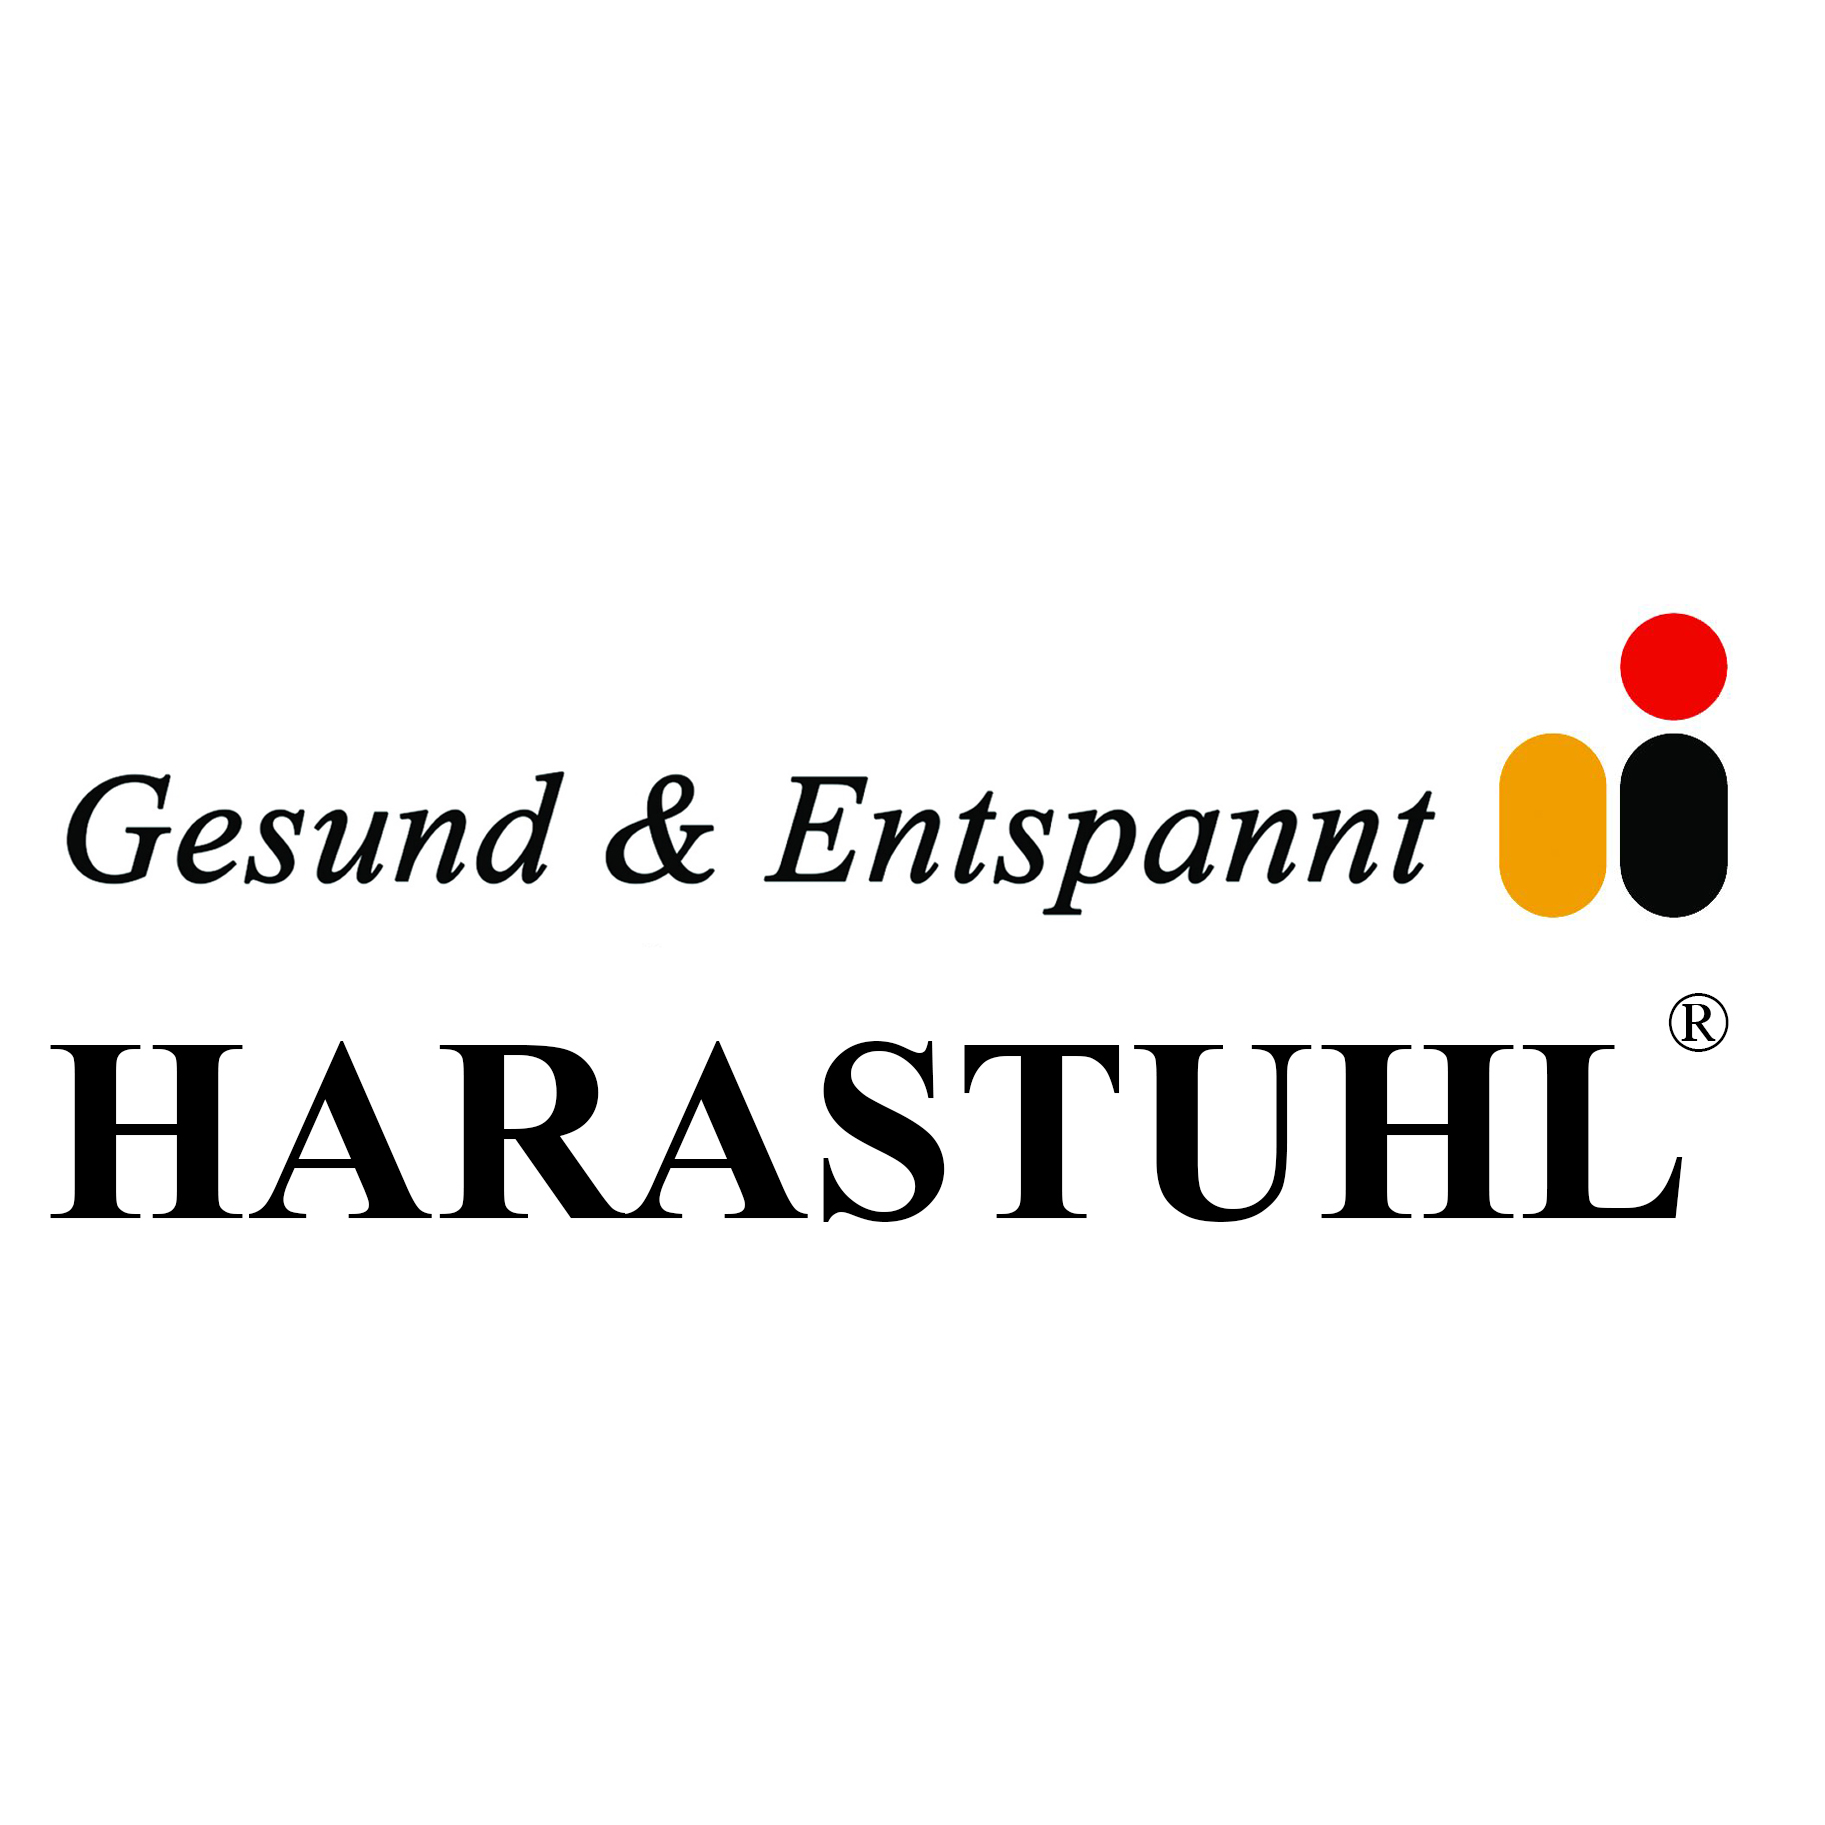 Bild zu HARASTUHL® in Lauingen an der Donau